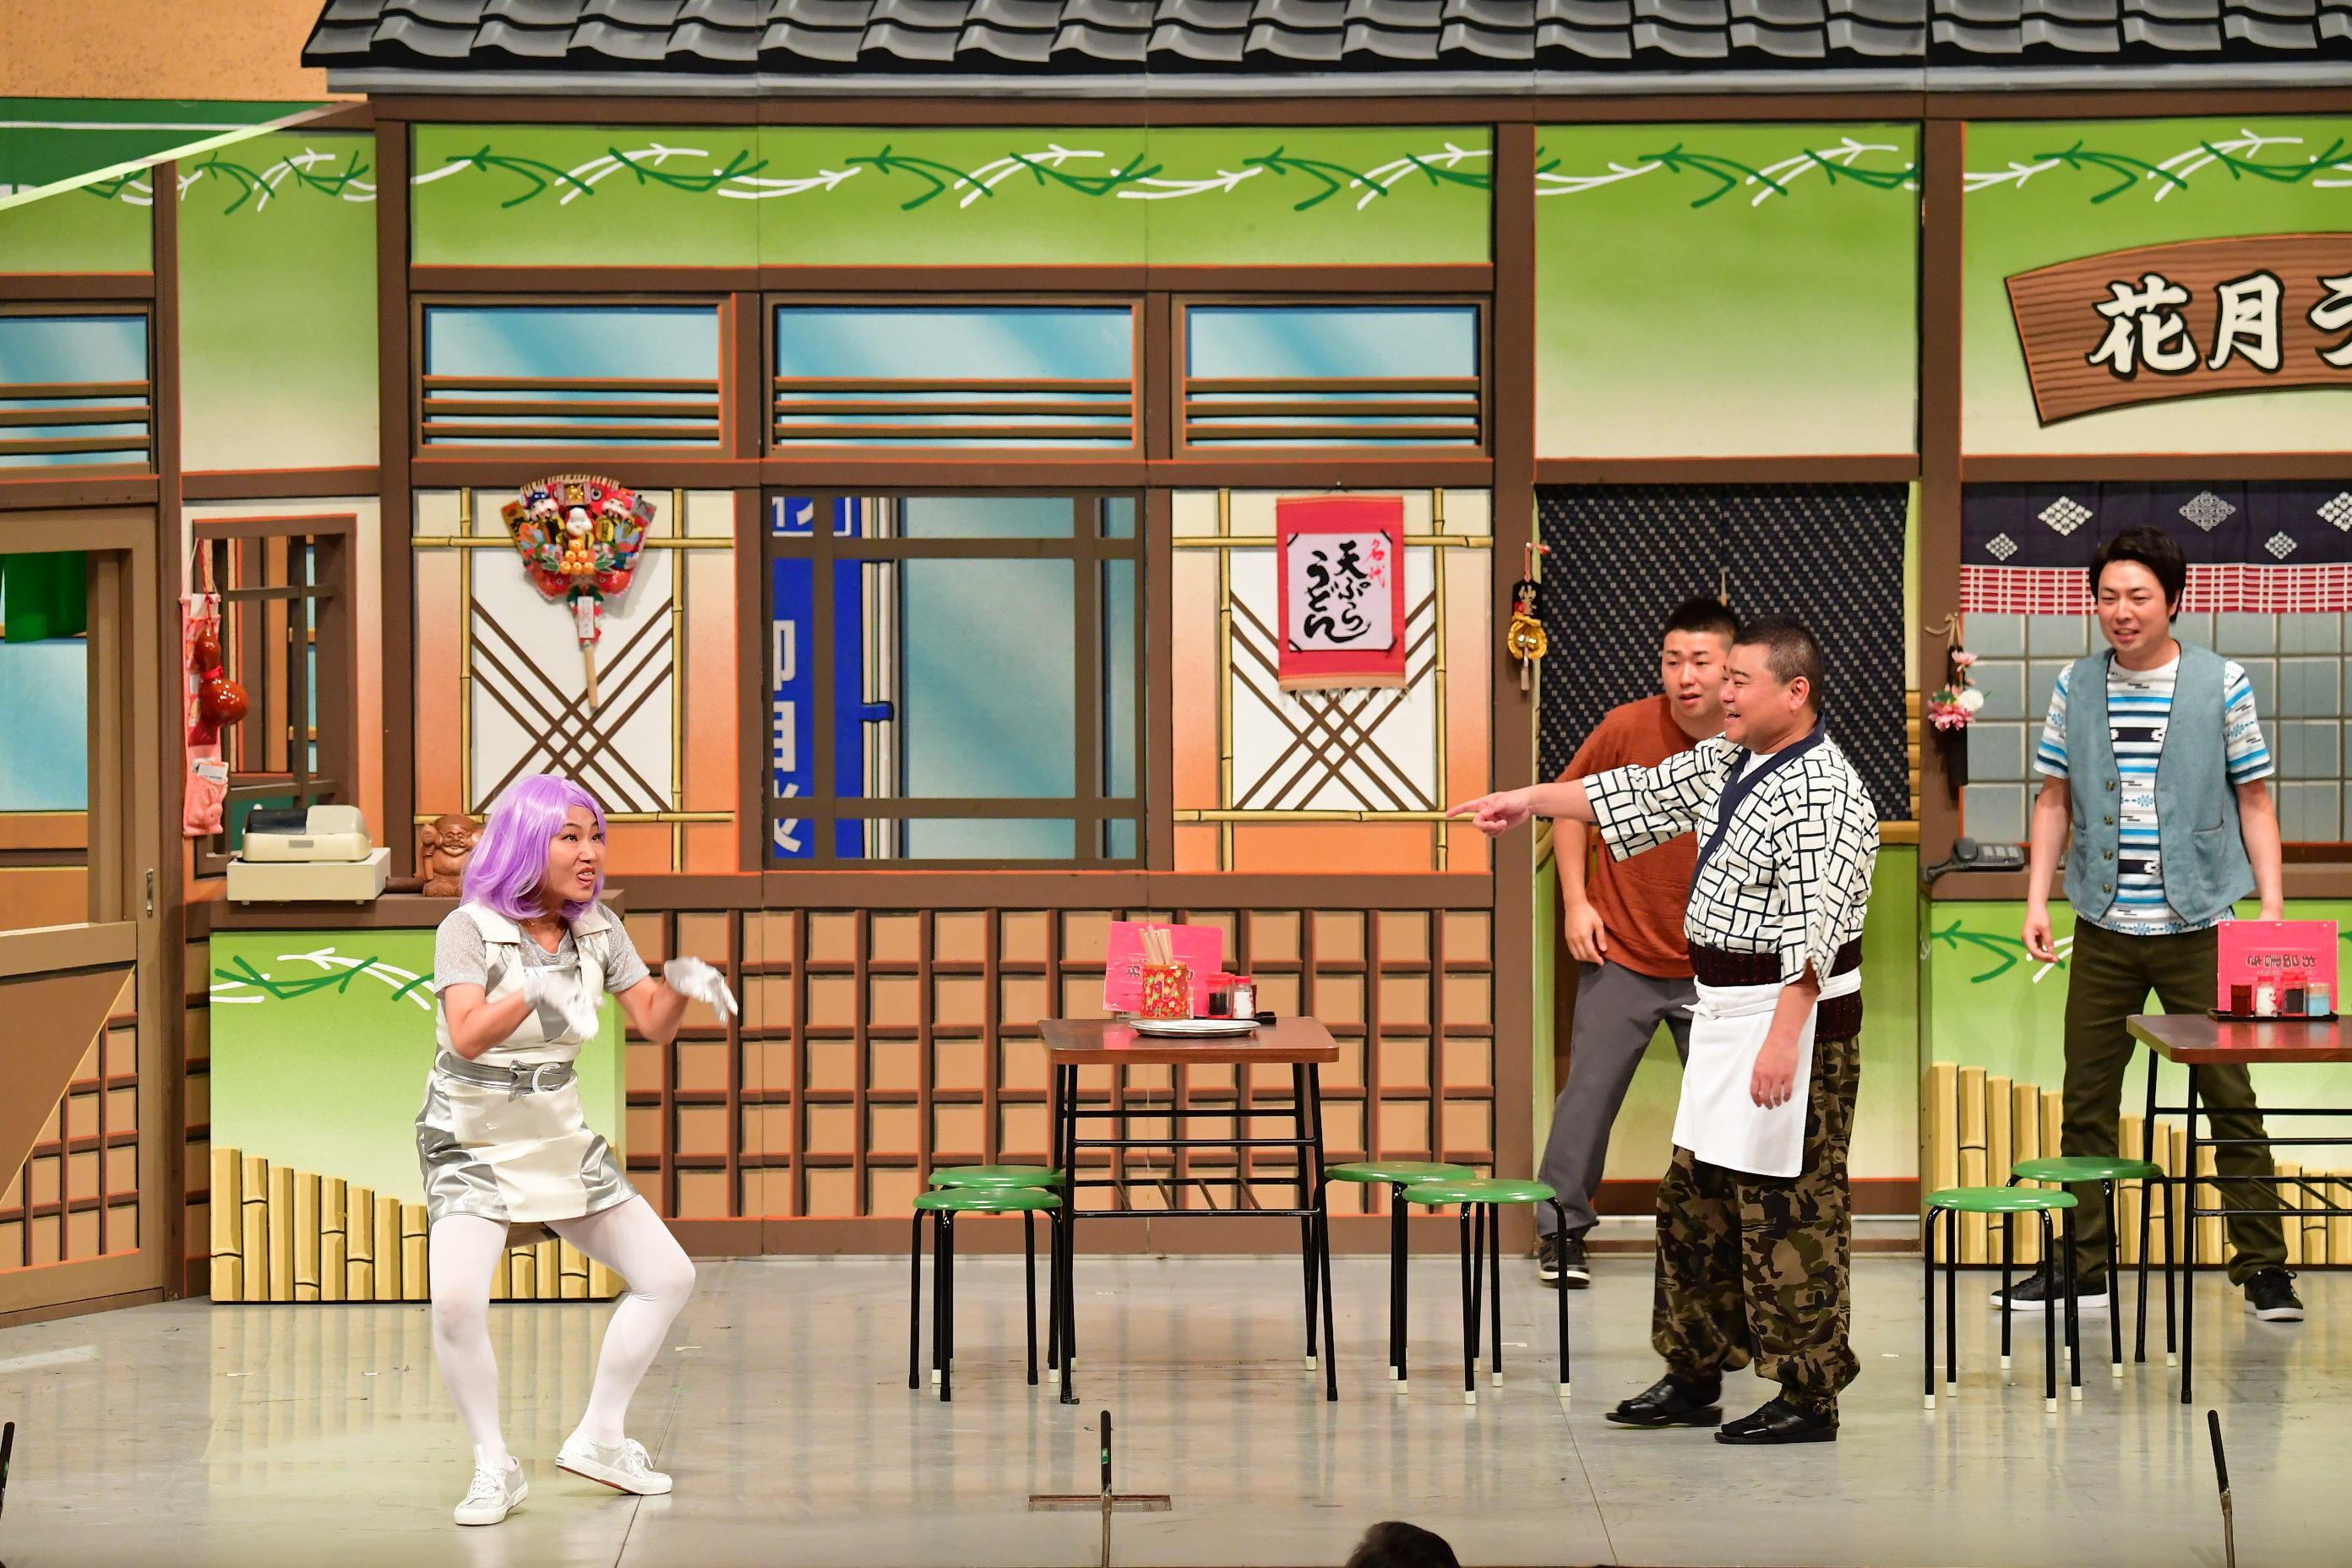 http://news.yoshimoto.co.jp/20180830010803-bbbd804f9f49a95fa373af6832adc013e155808a.jpg